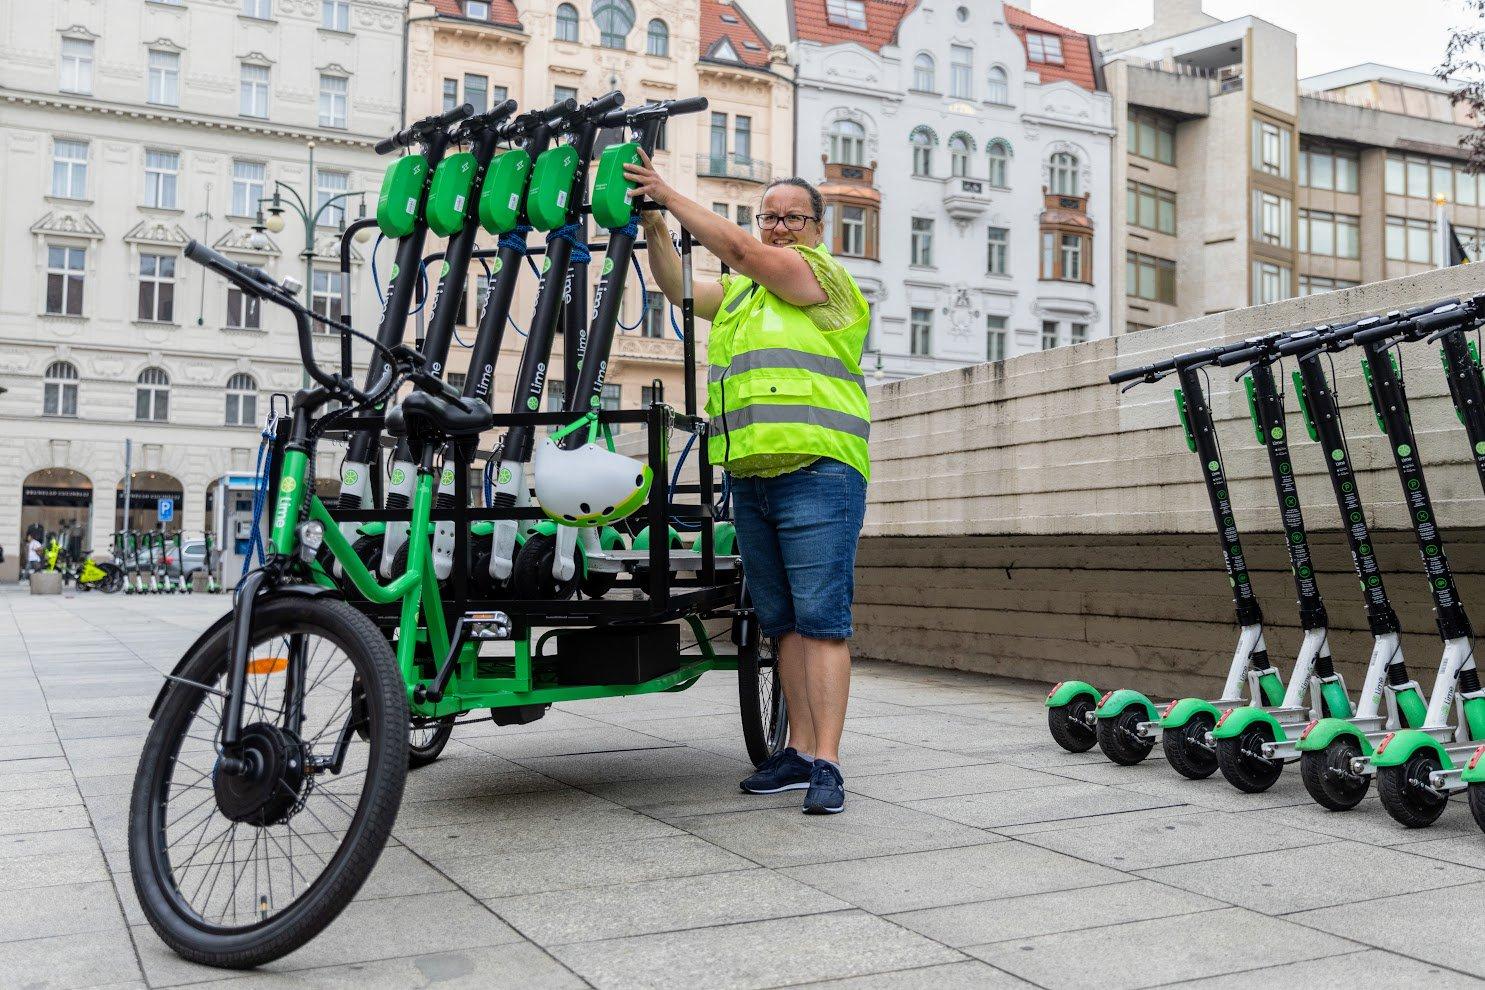 Lime lance des vélos électriques à Varsovie pour faire progresser les opérations de scooters propres